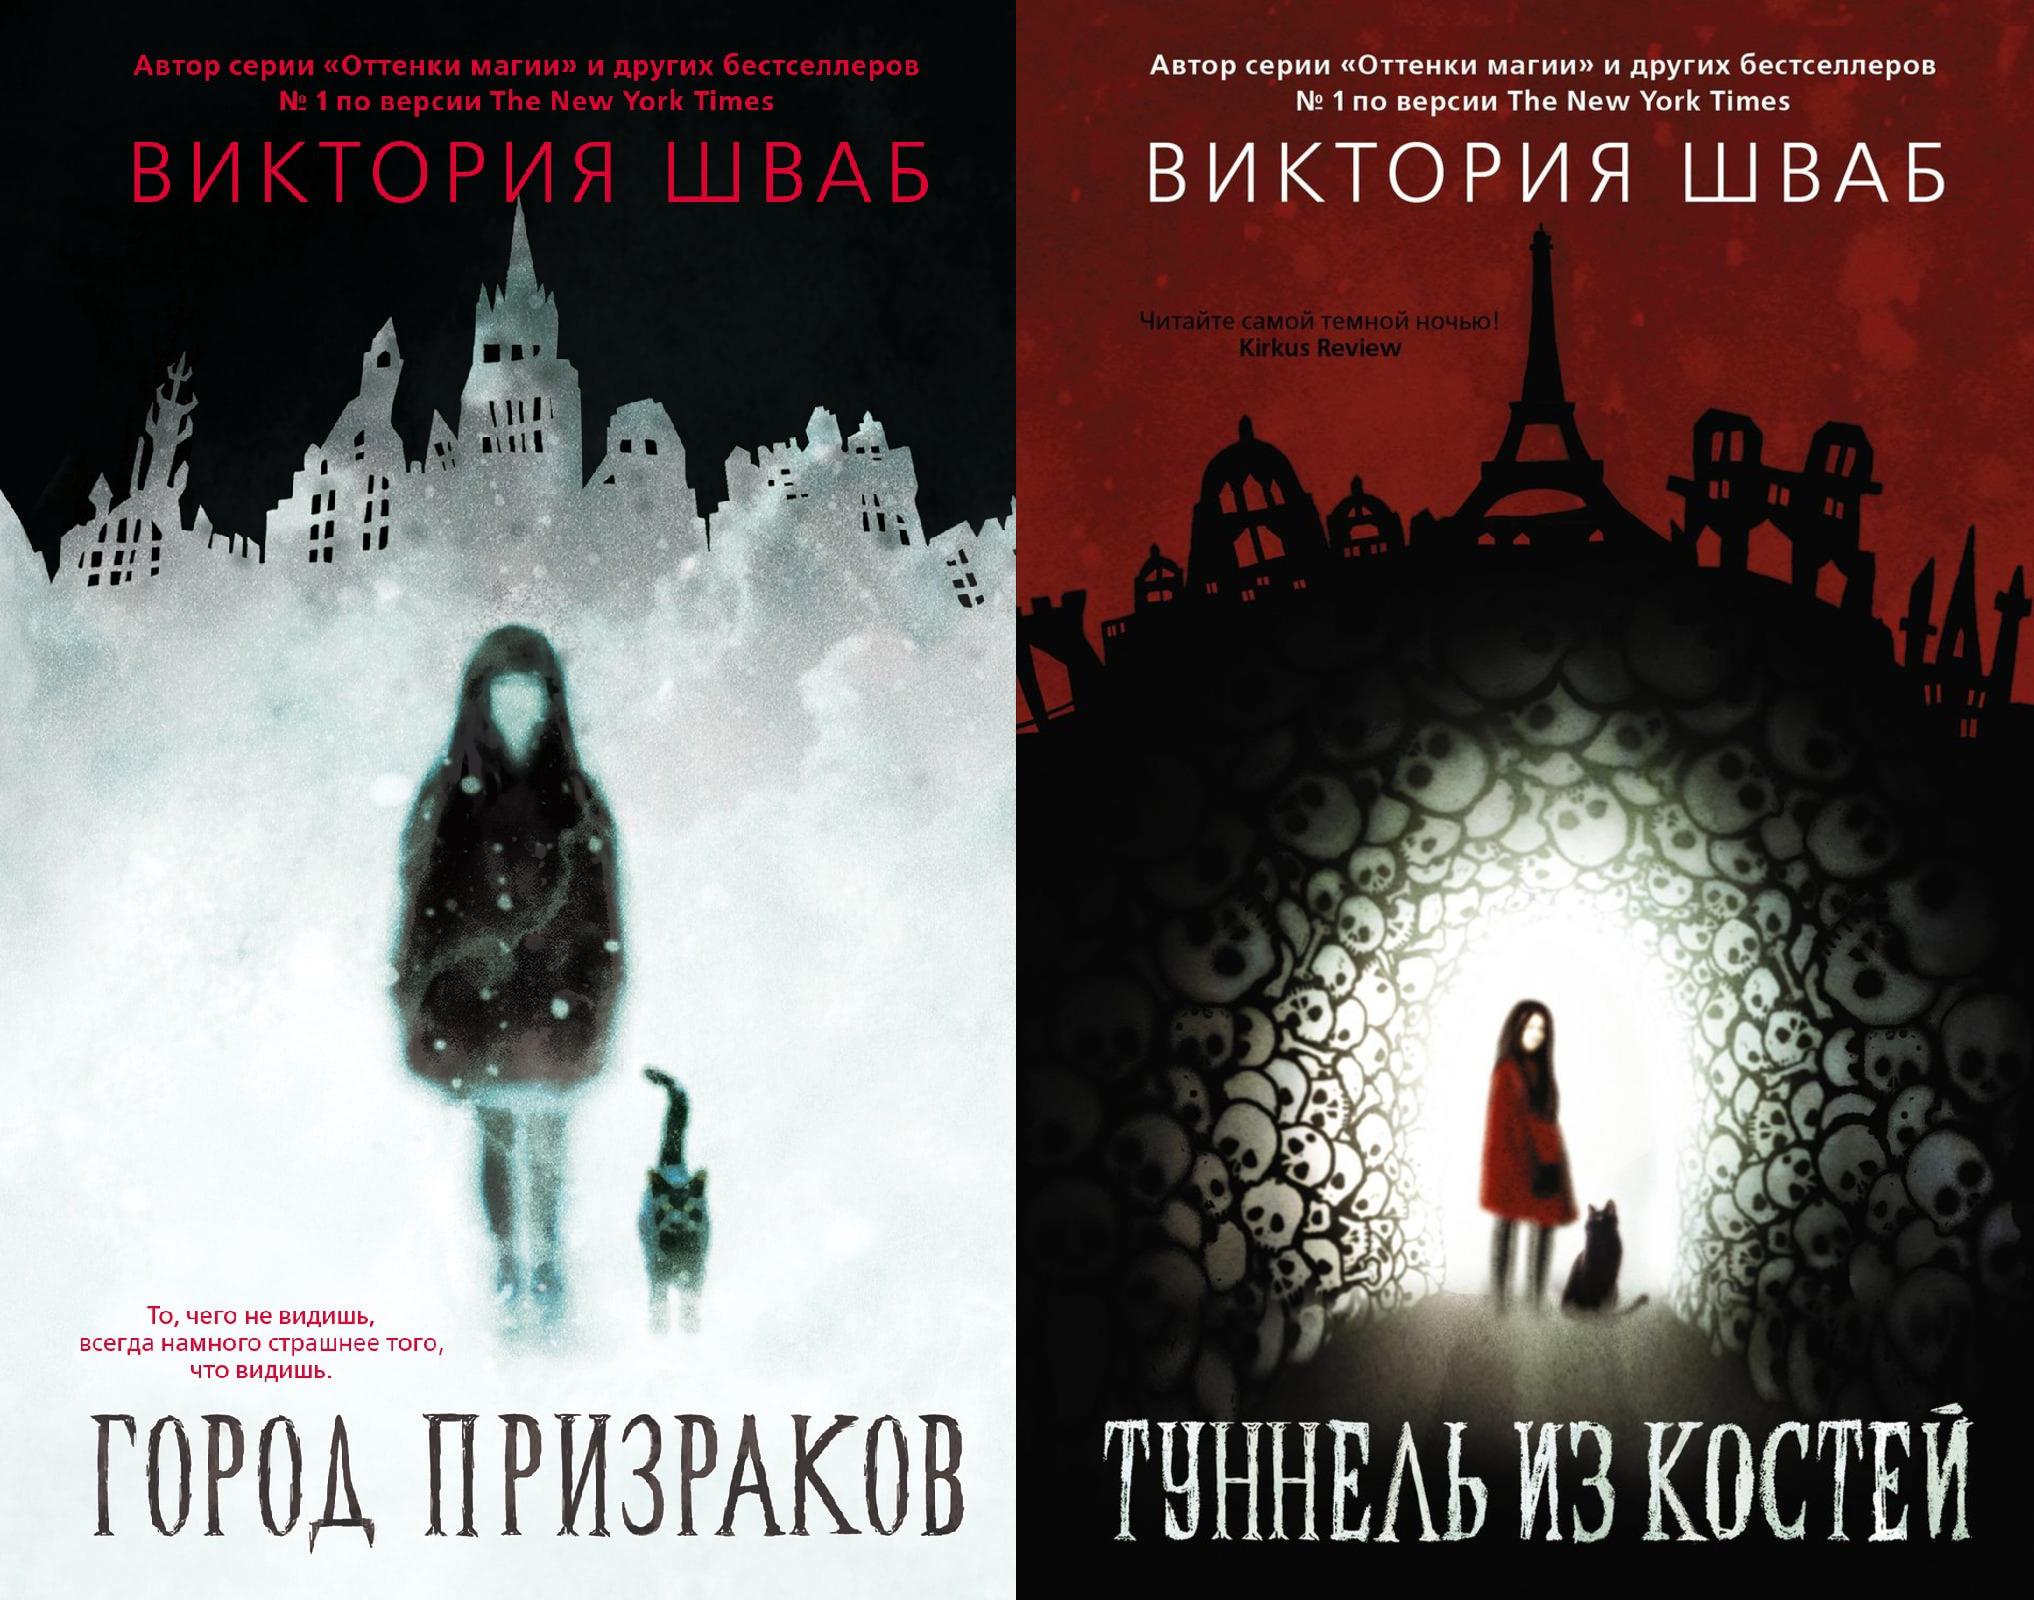 Готовится экранизацию «Города призраков» Виктории Шваб